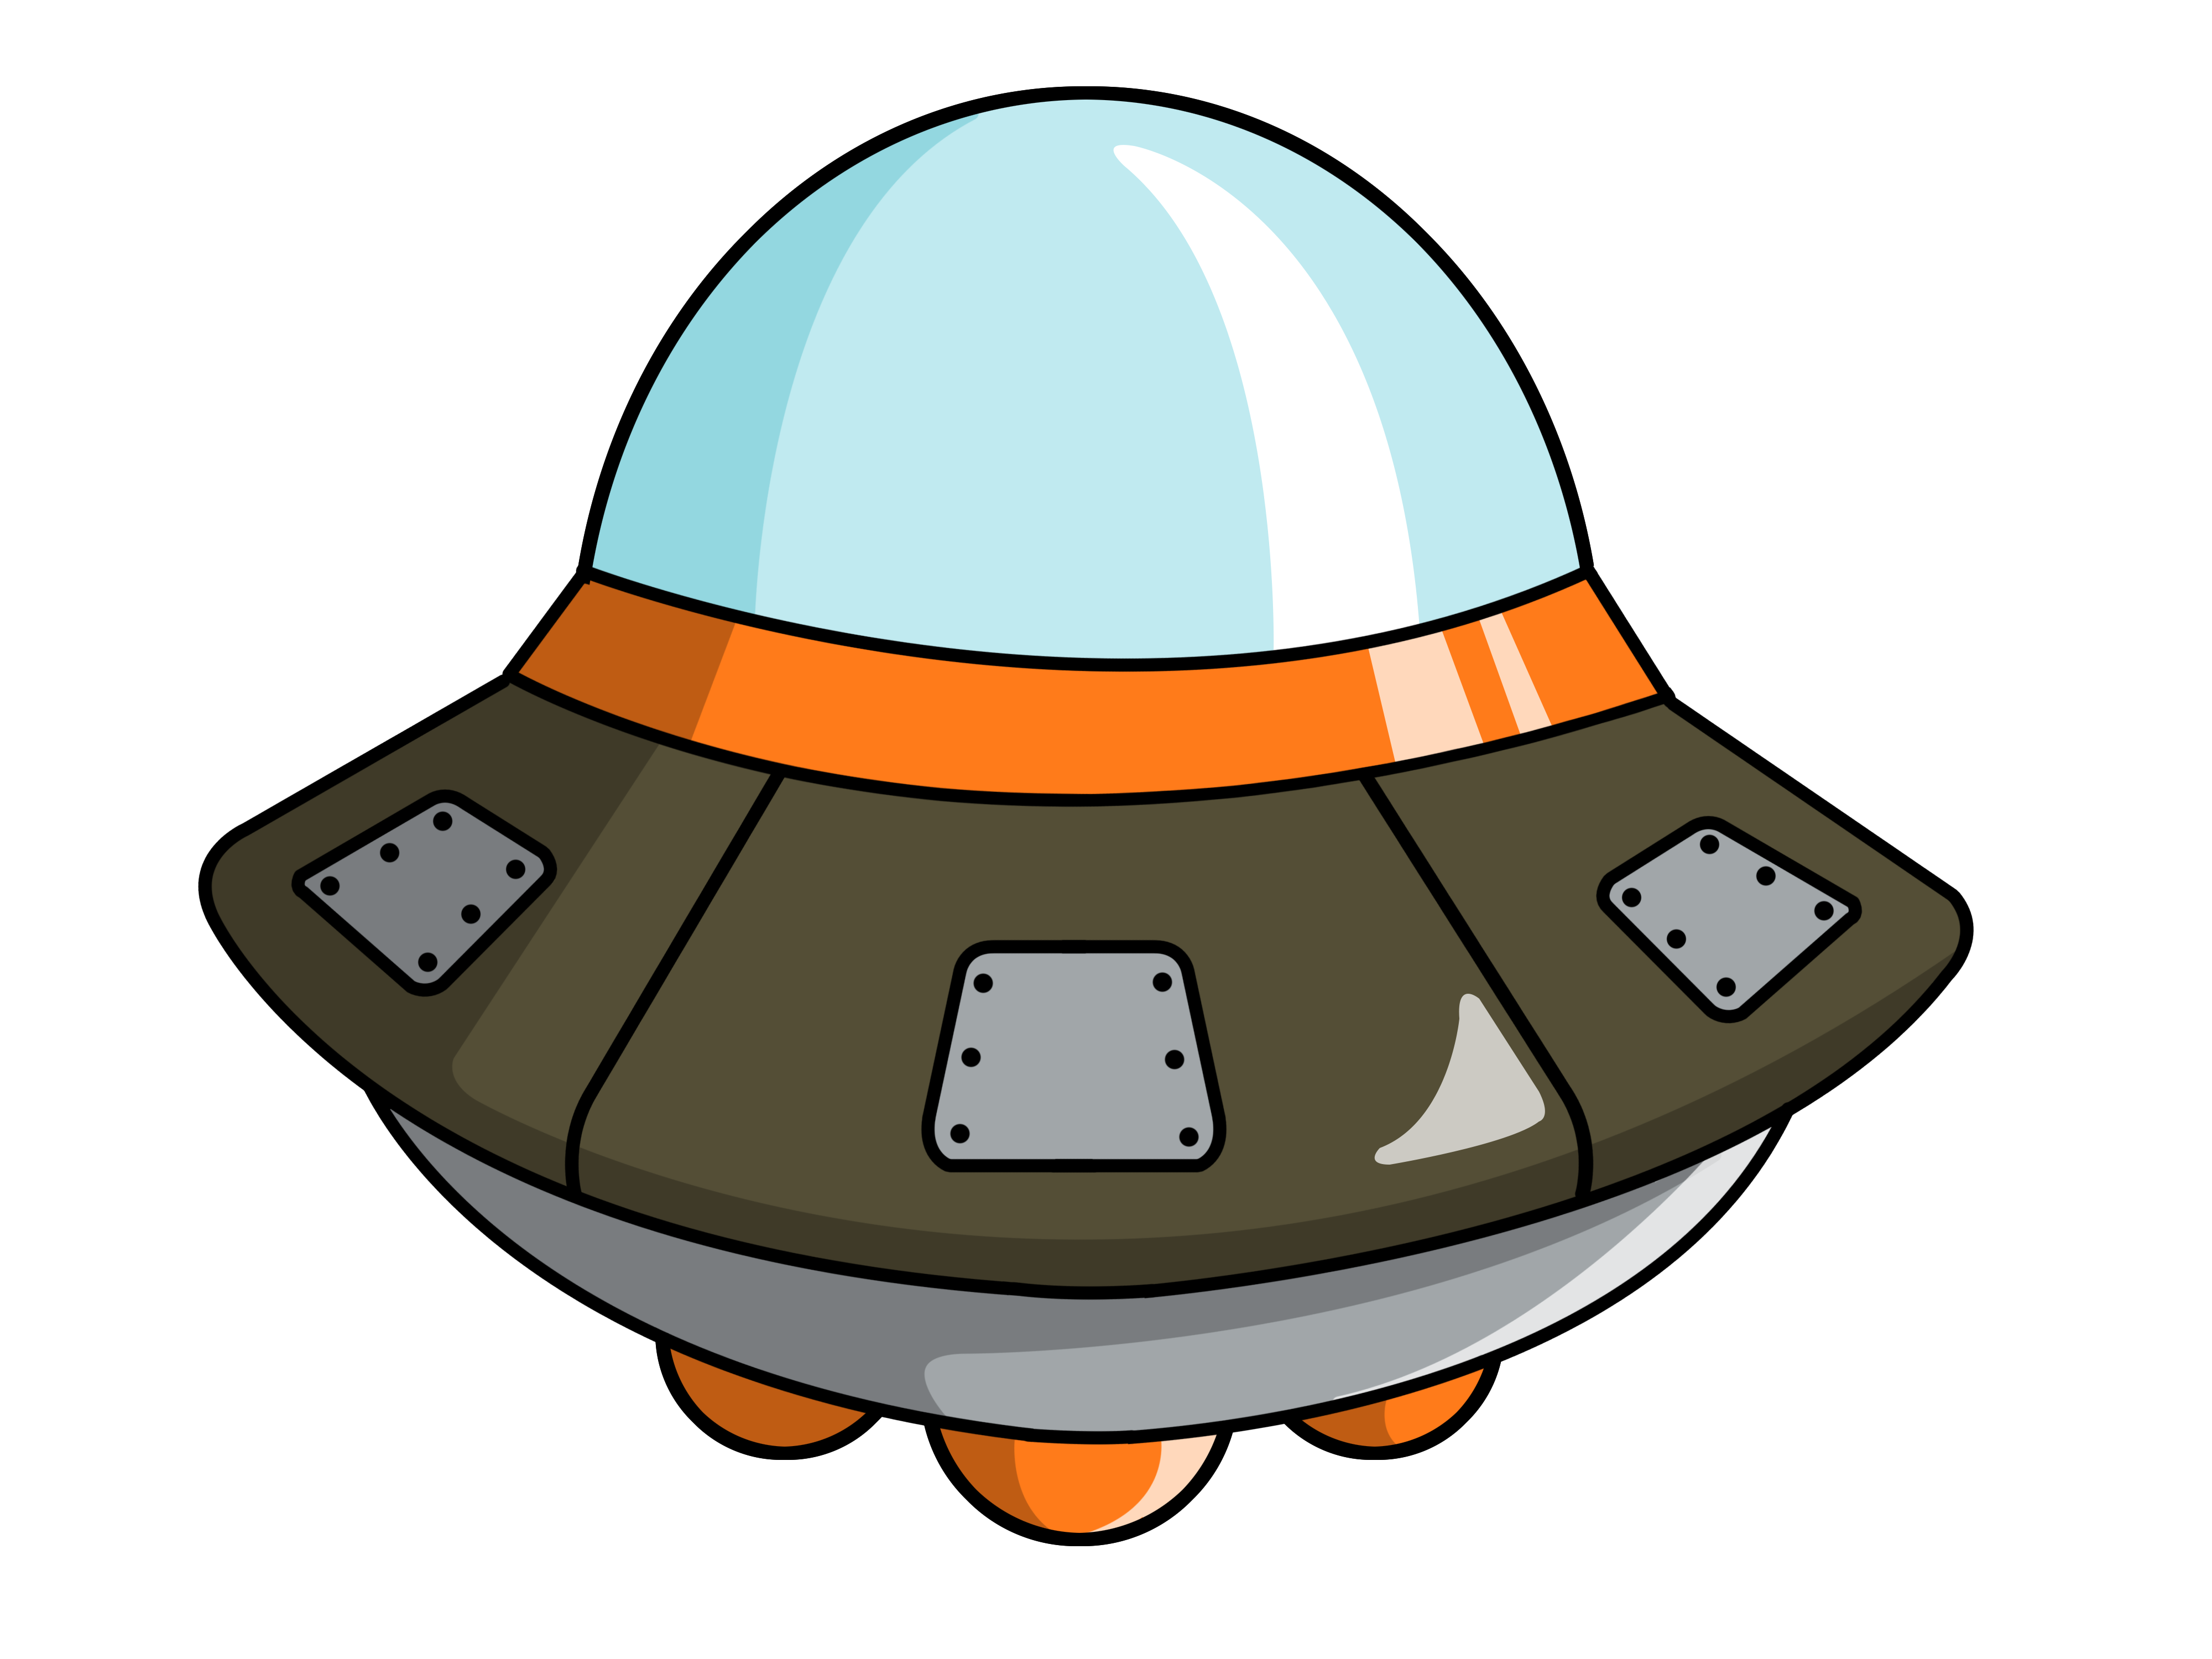 4000x3000 Cute Spaceship Clipart 2